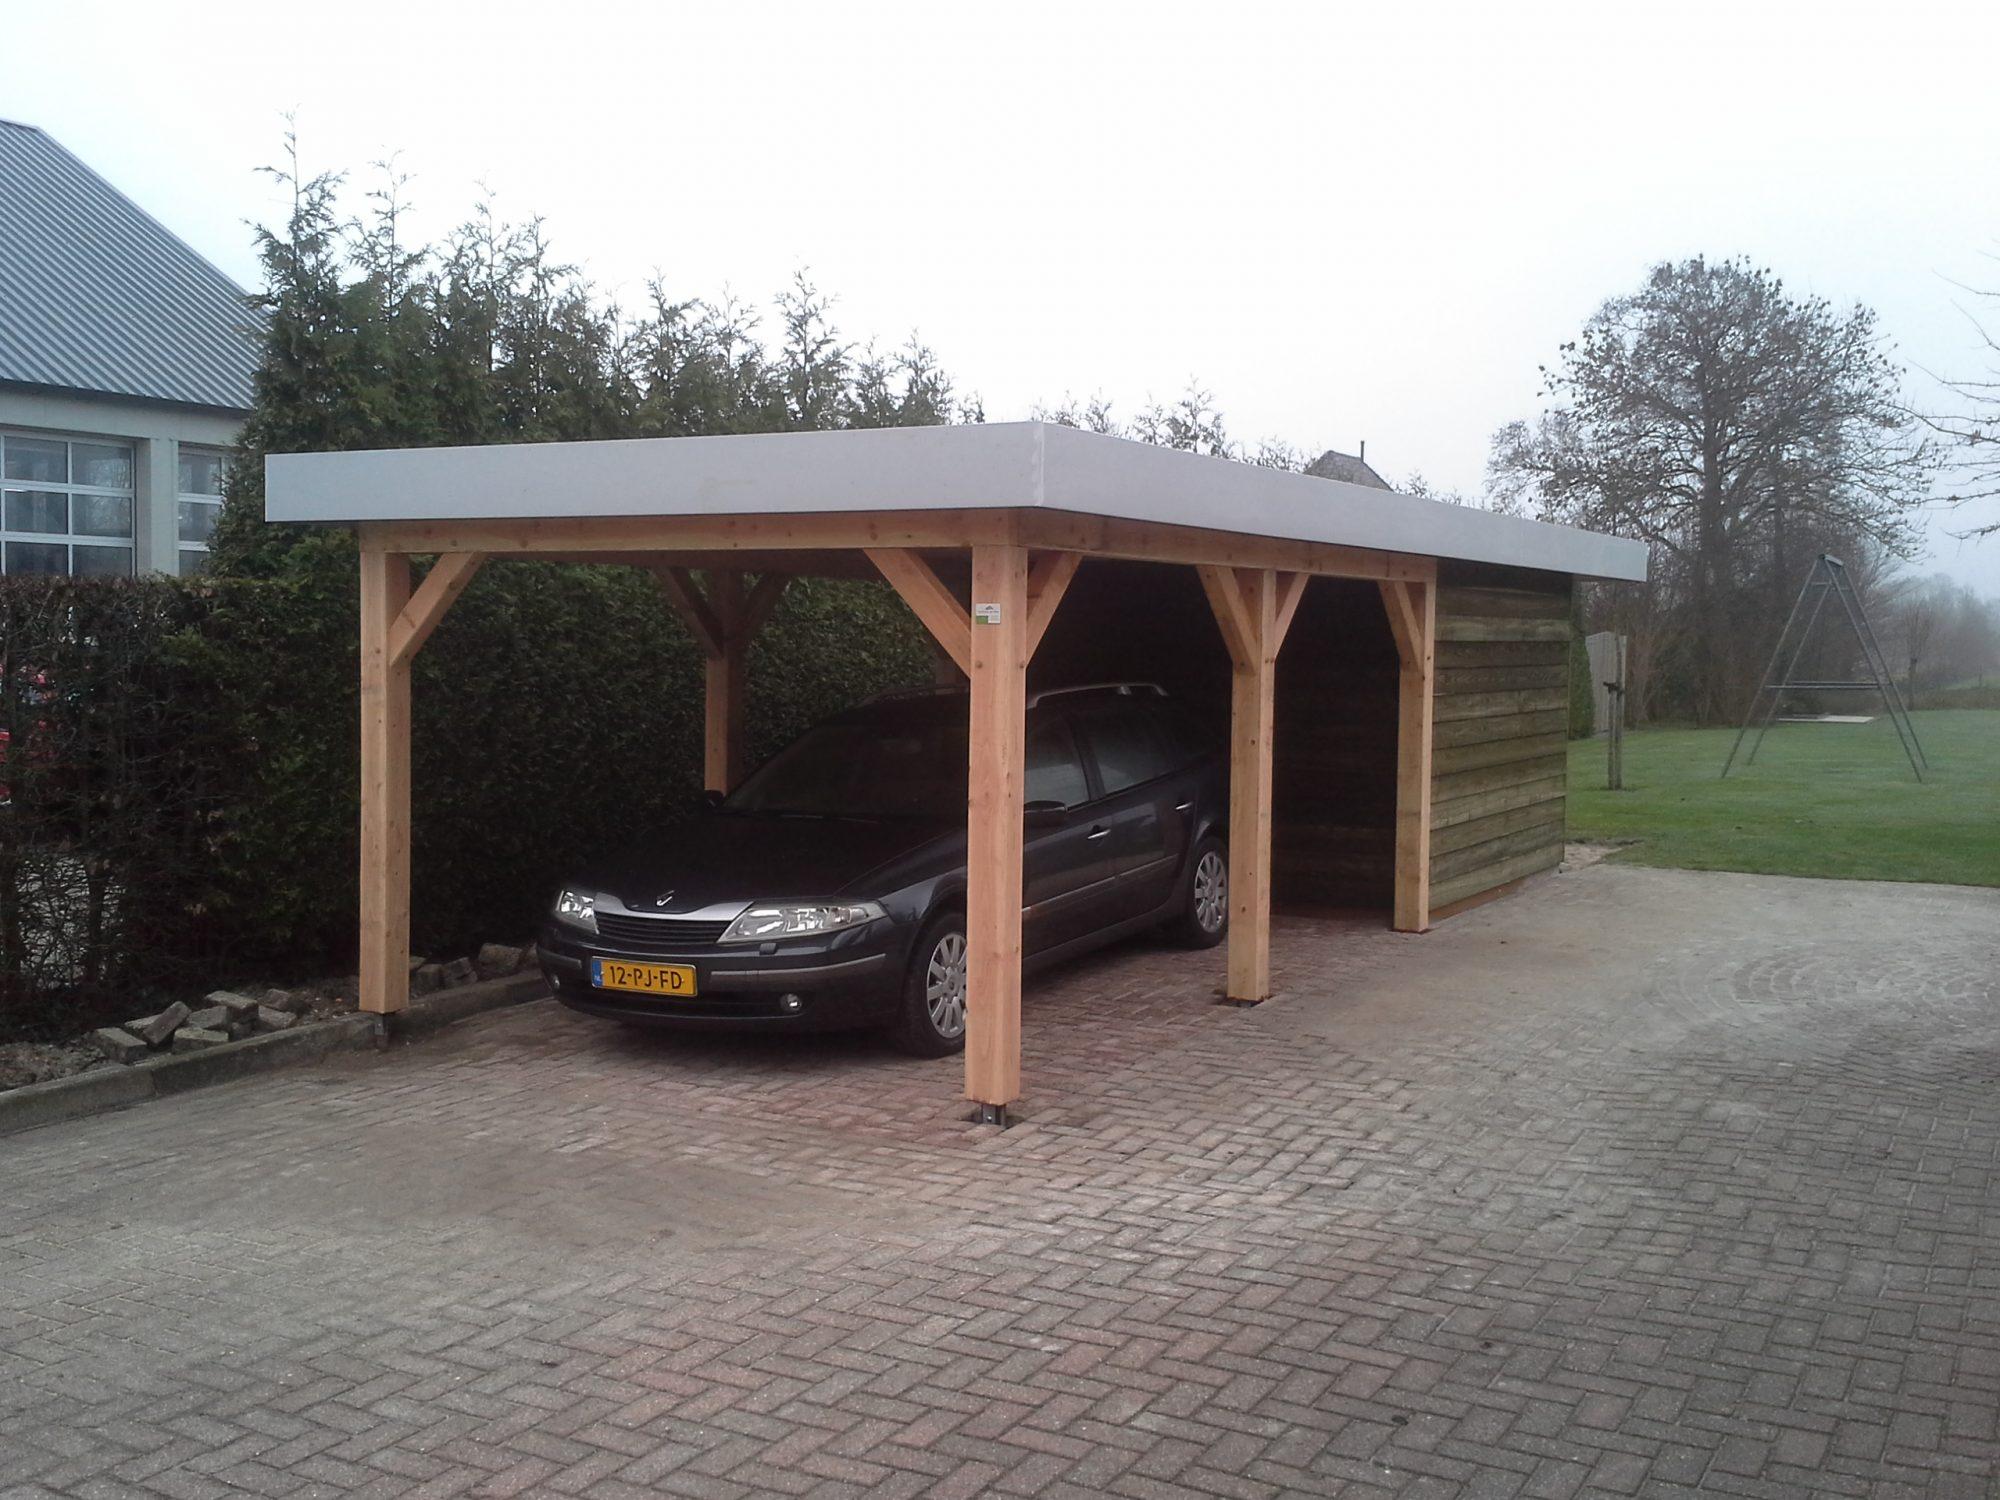 houten carport op maat laten bouwen